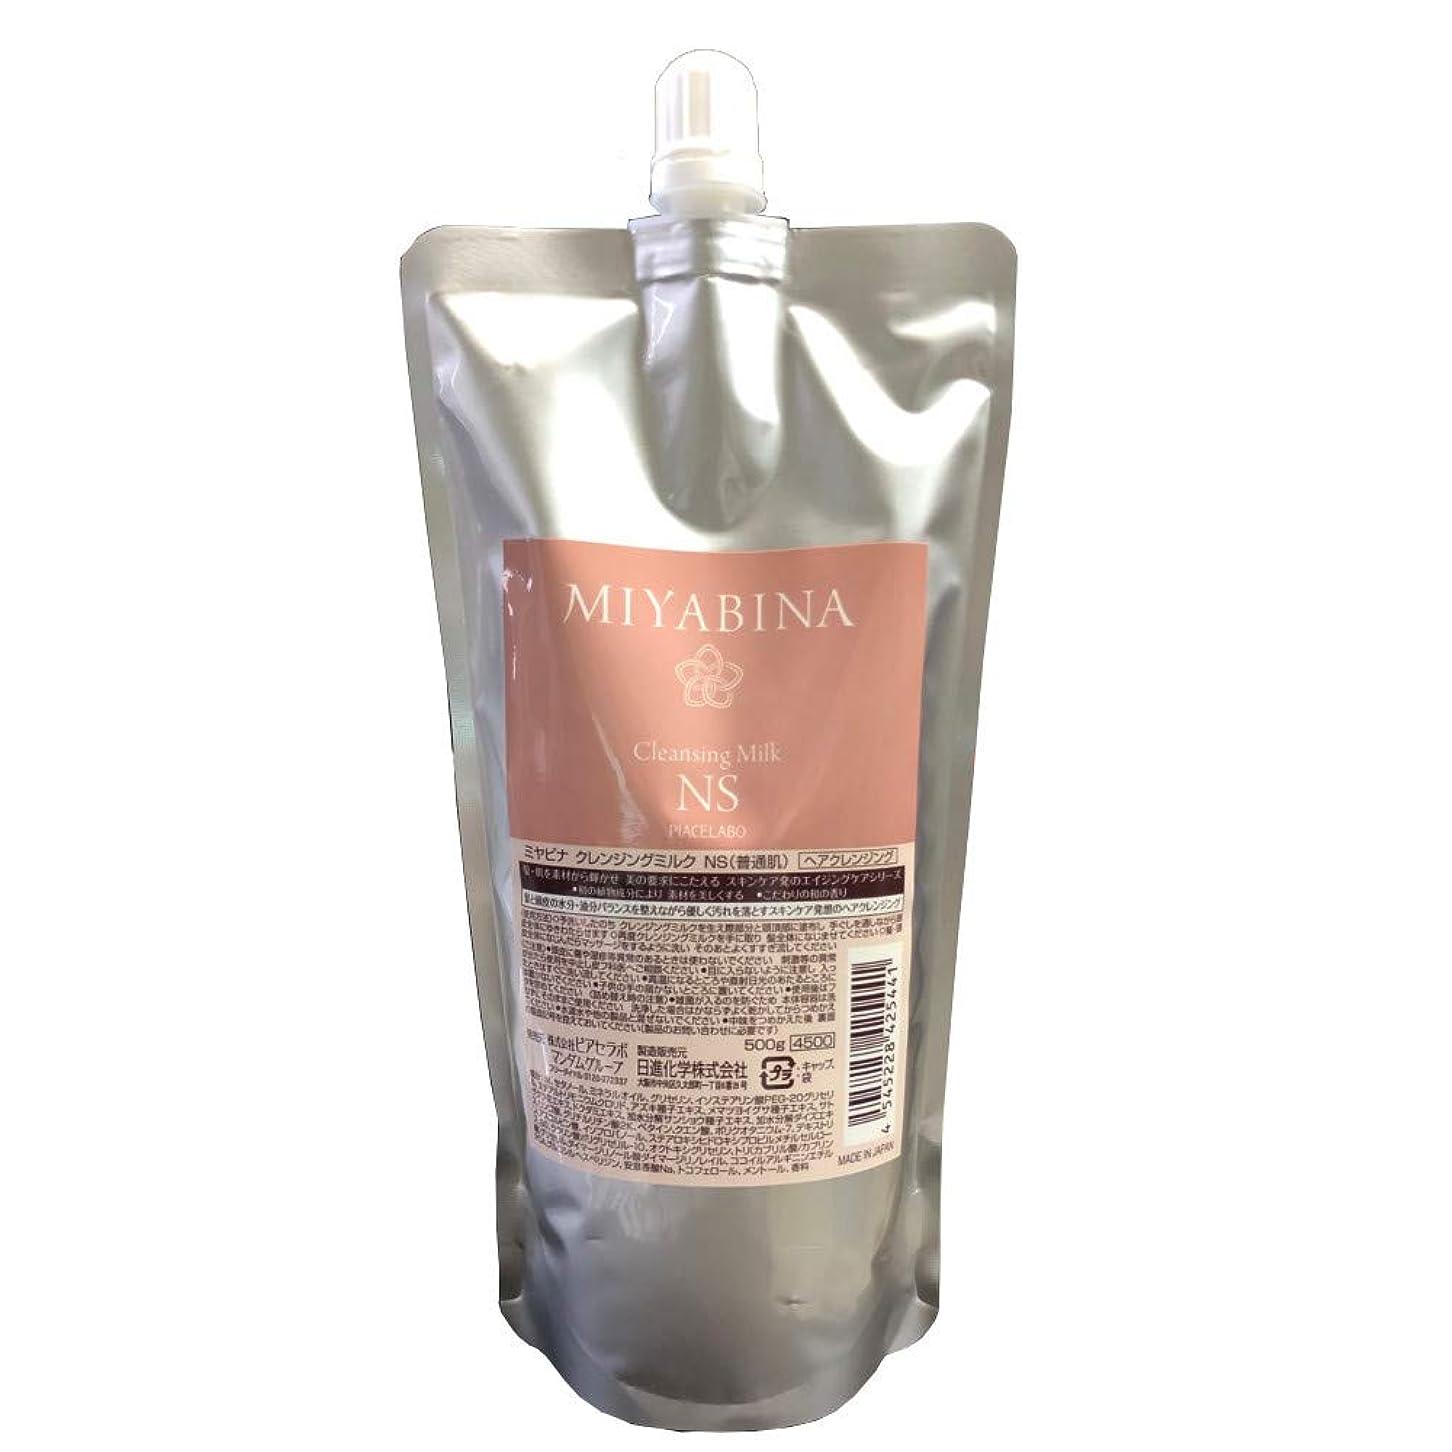 パレード救い端末ミヤビナ クレンジングミルク NS(普通肌) 500g レフィル(詰め替え)